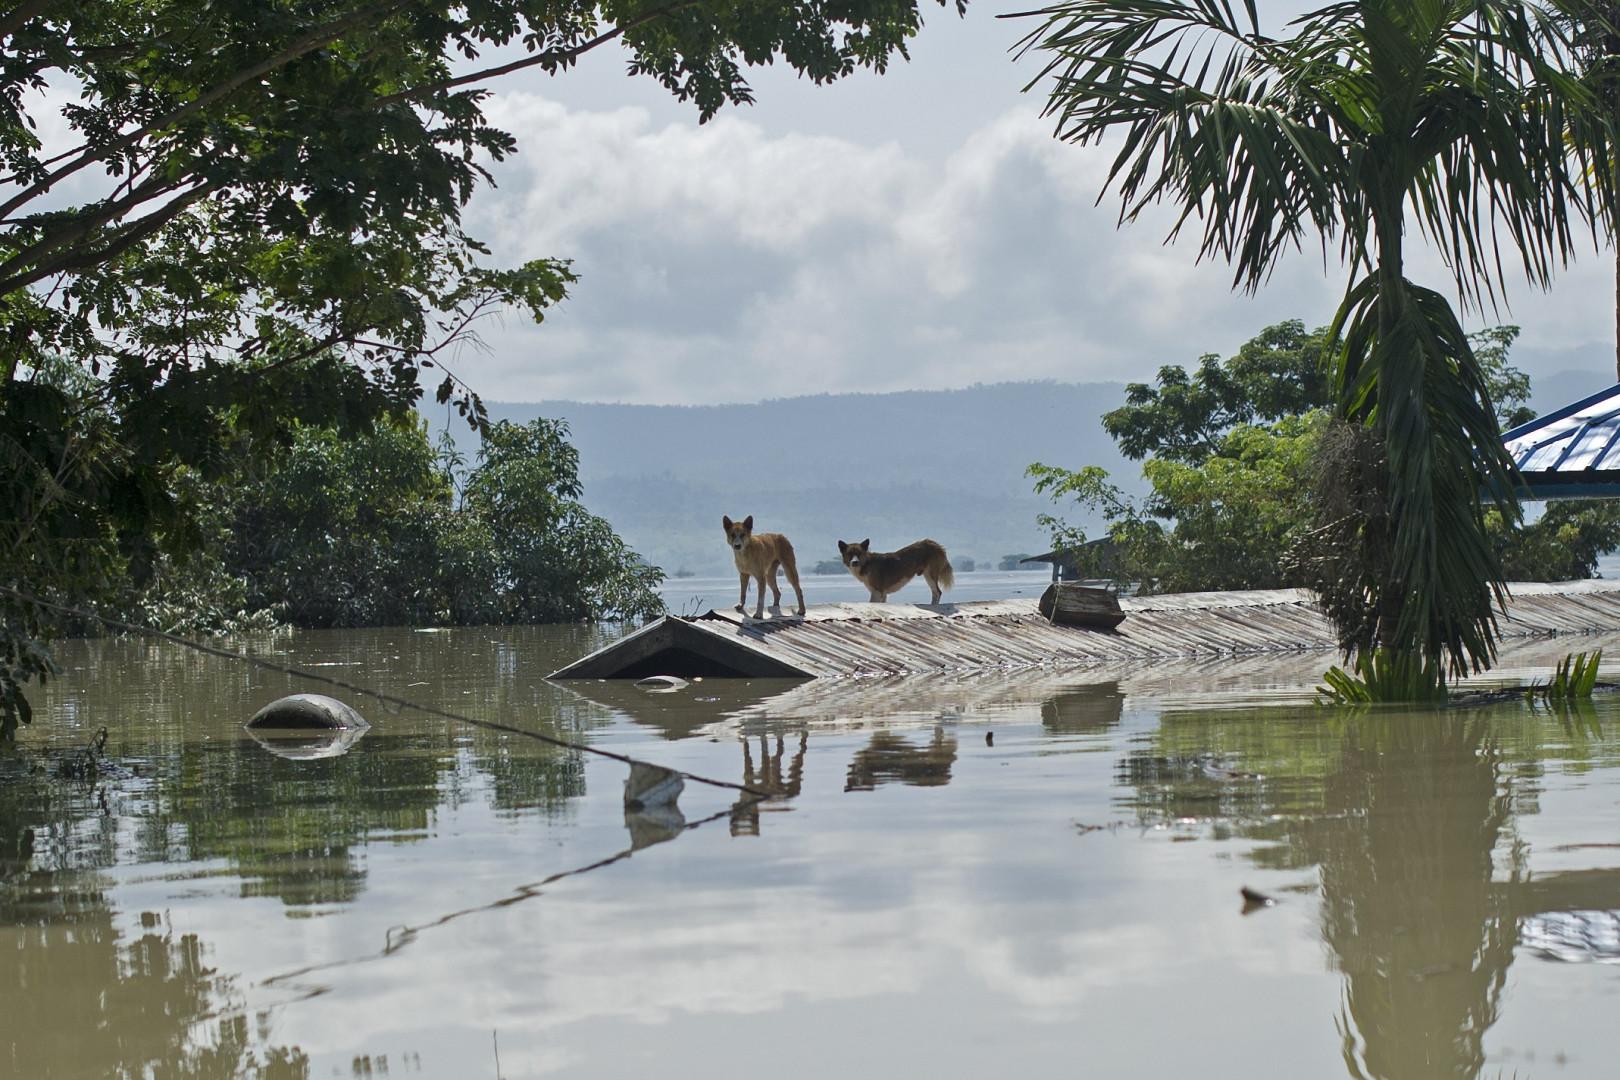 Par endroits, l'eau a atteint le toit des maisons